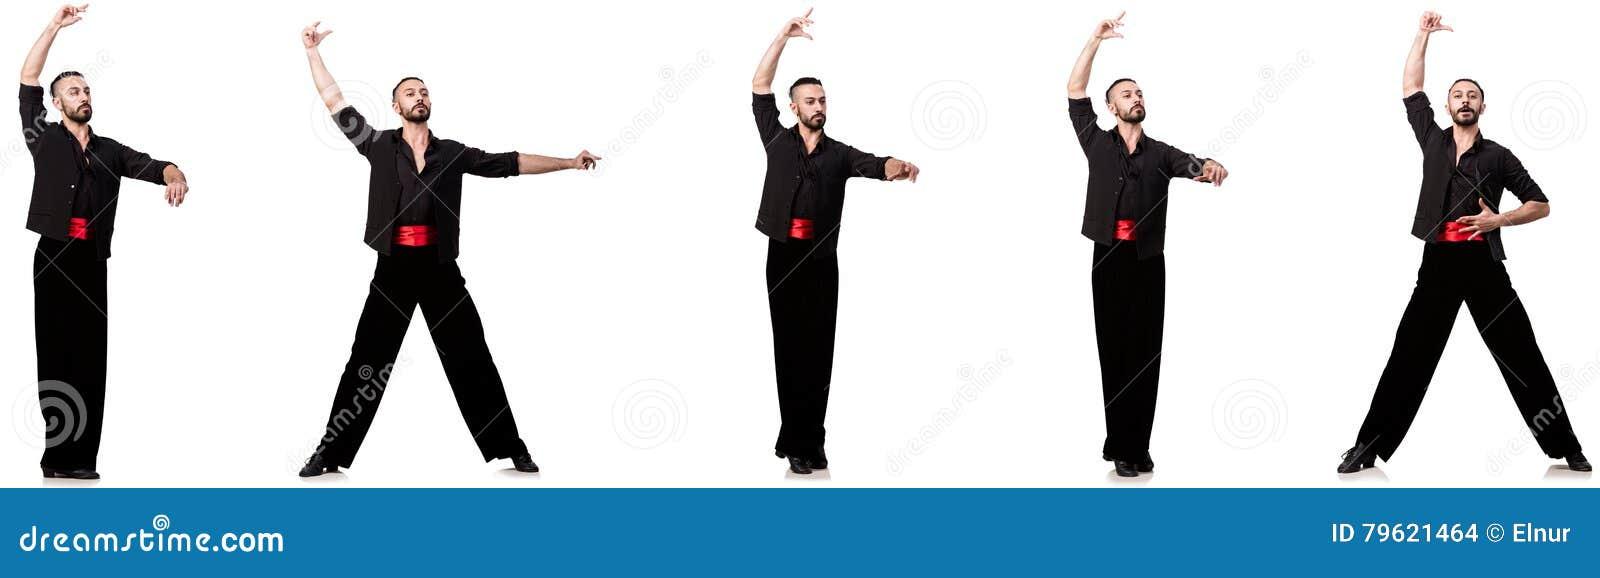 O dançarino espanhol em várias poses no branco